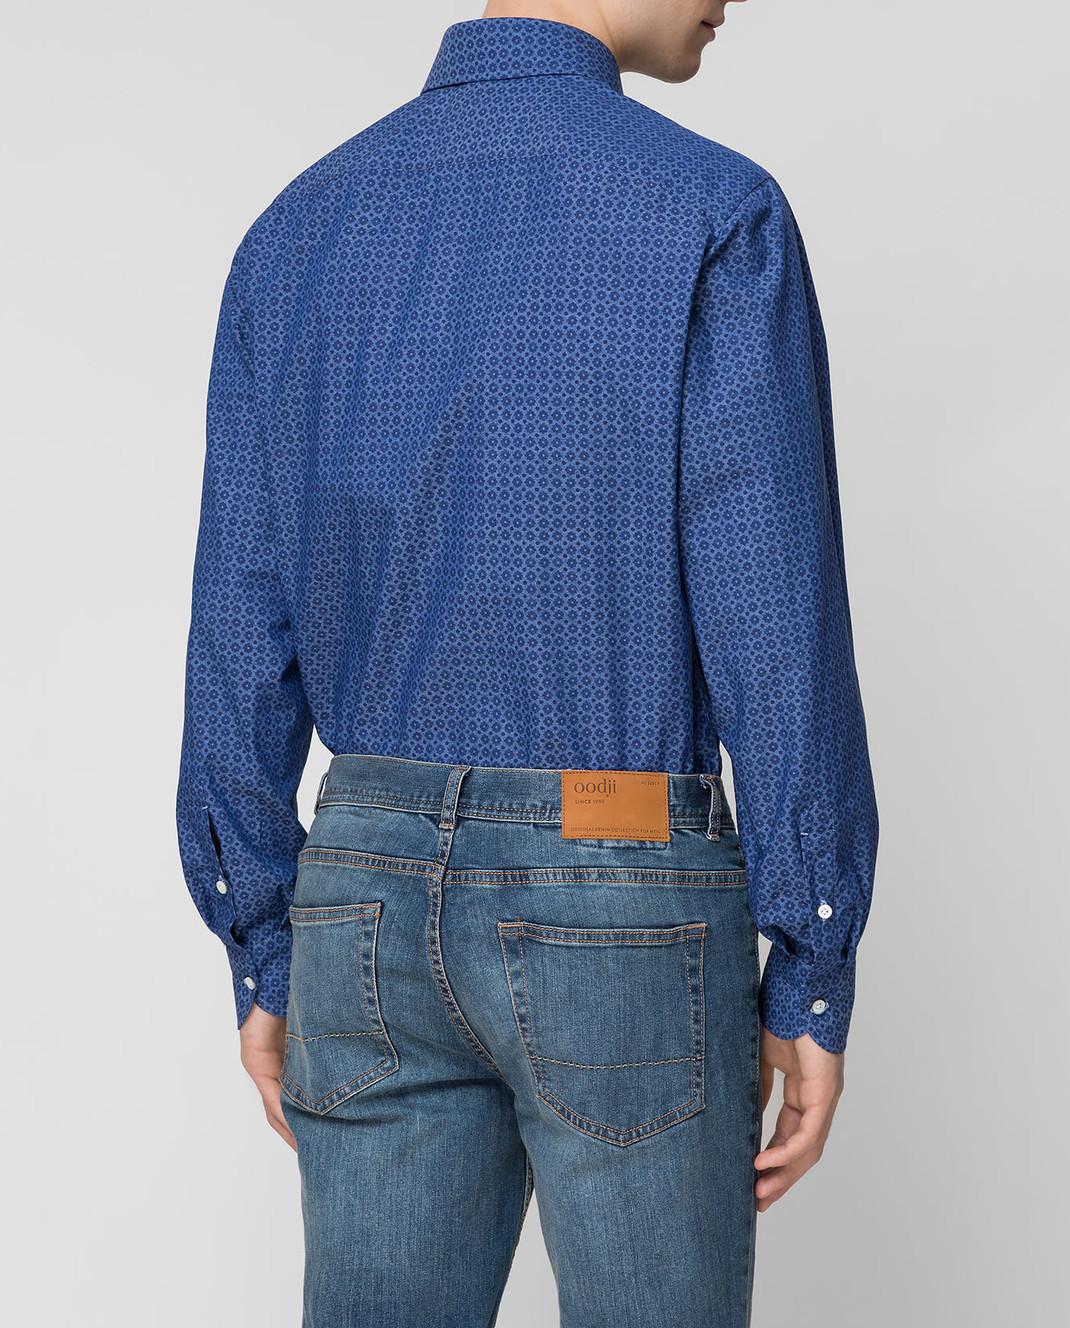 ISAIA Синяя рубашка CAM088C6083 изображение 4